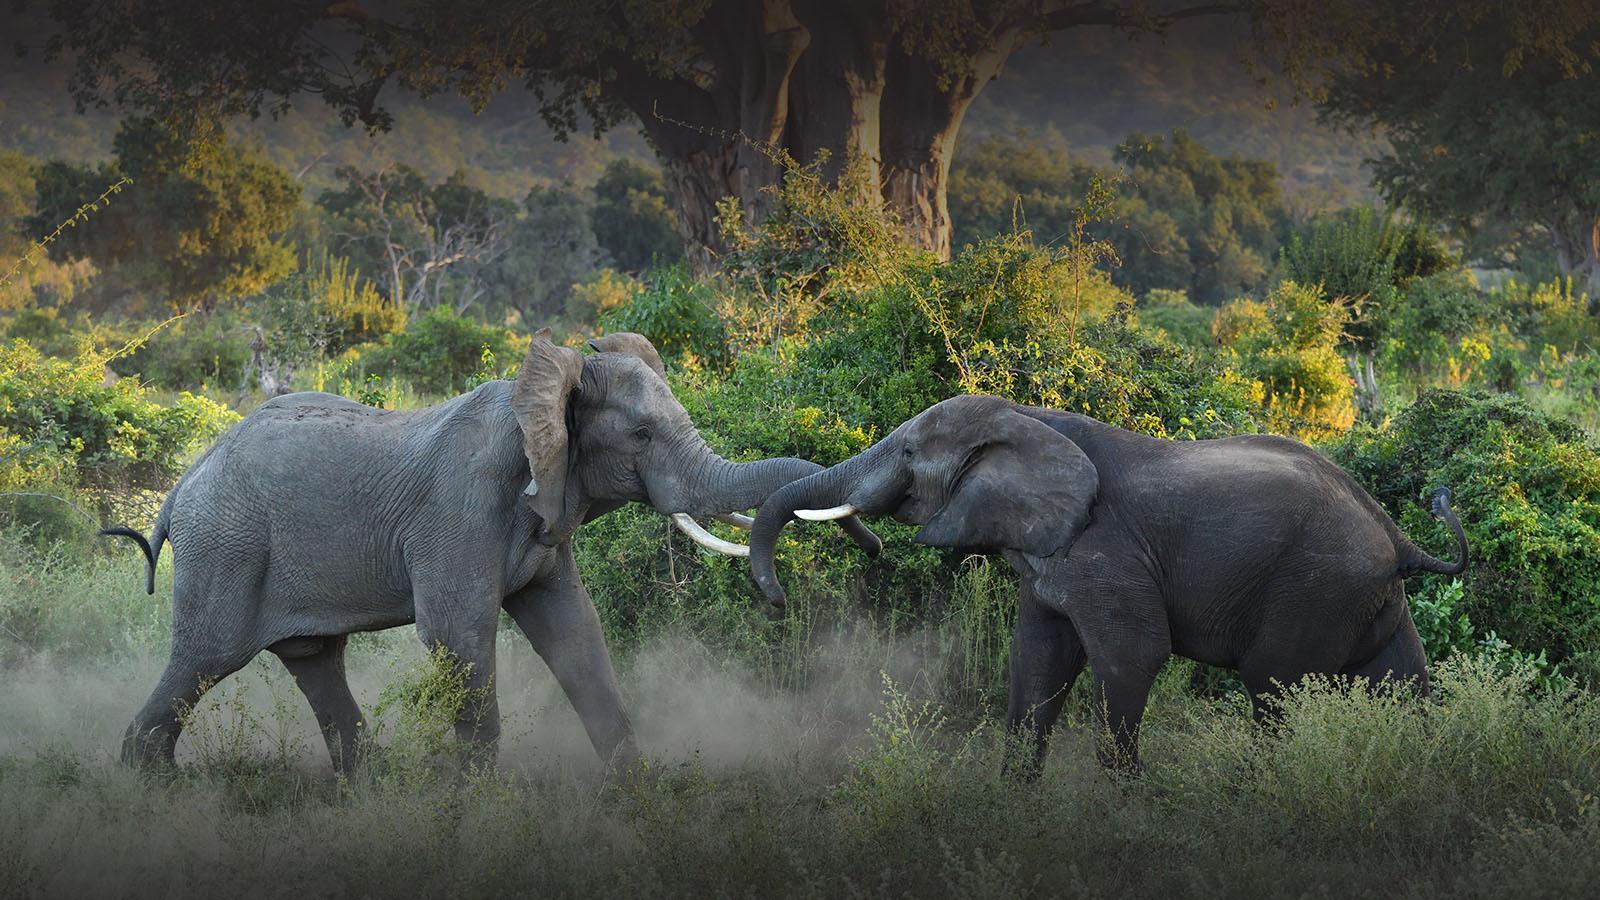 chilo gorge gonarezhou-national-park-zimbabwe-lodges-zambia-in-style-unique-landscape-cultureelephants